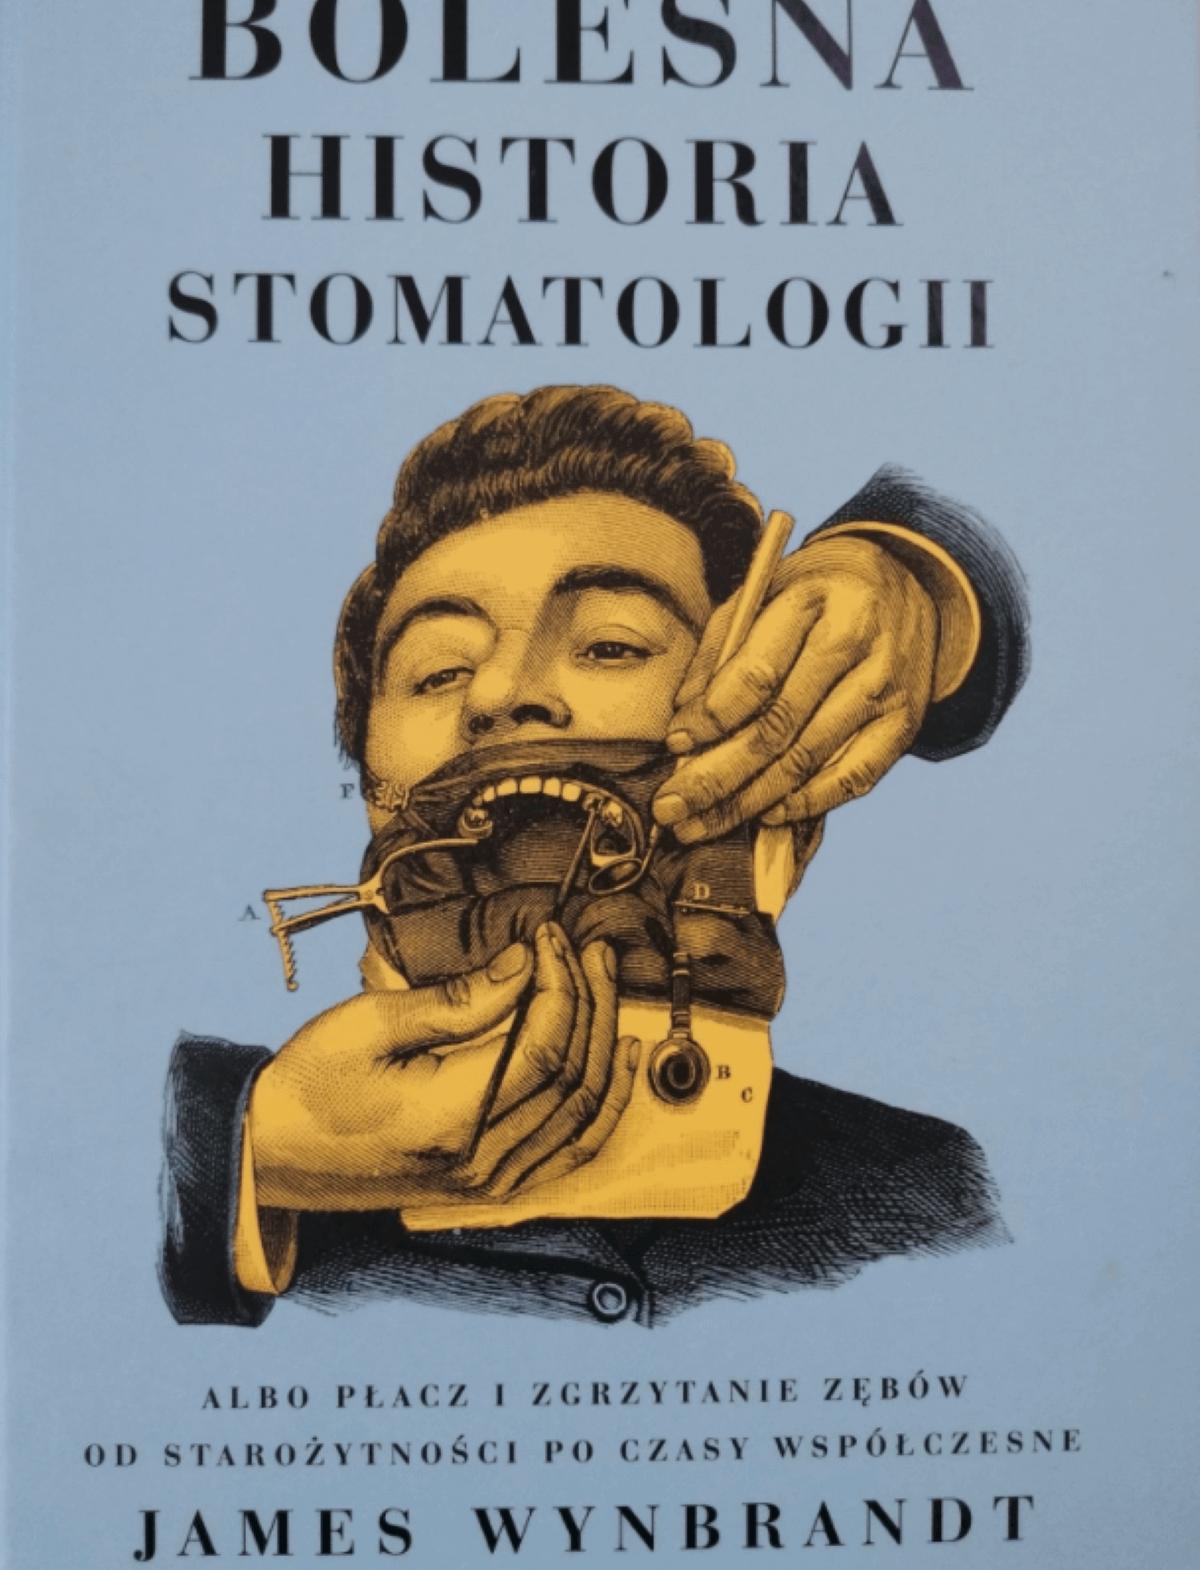 Bolesna historia stomatologii